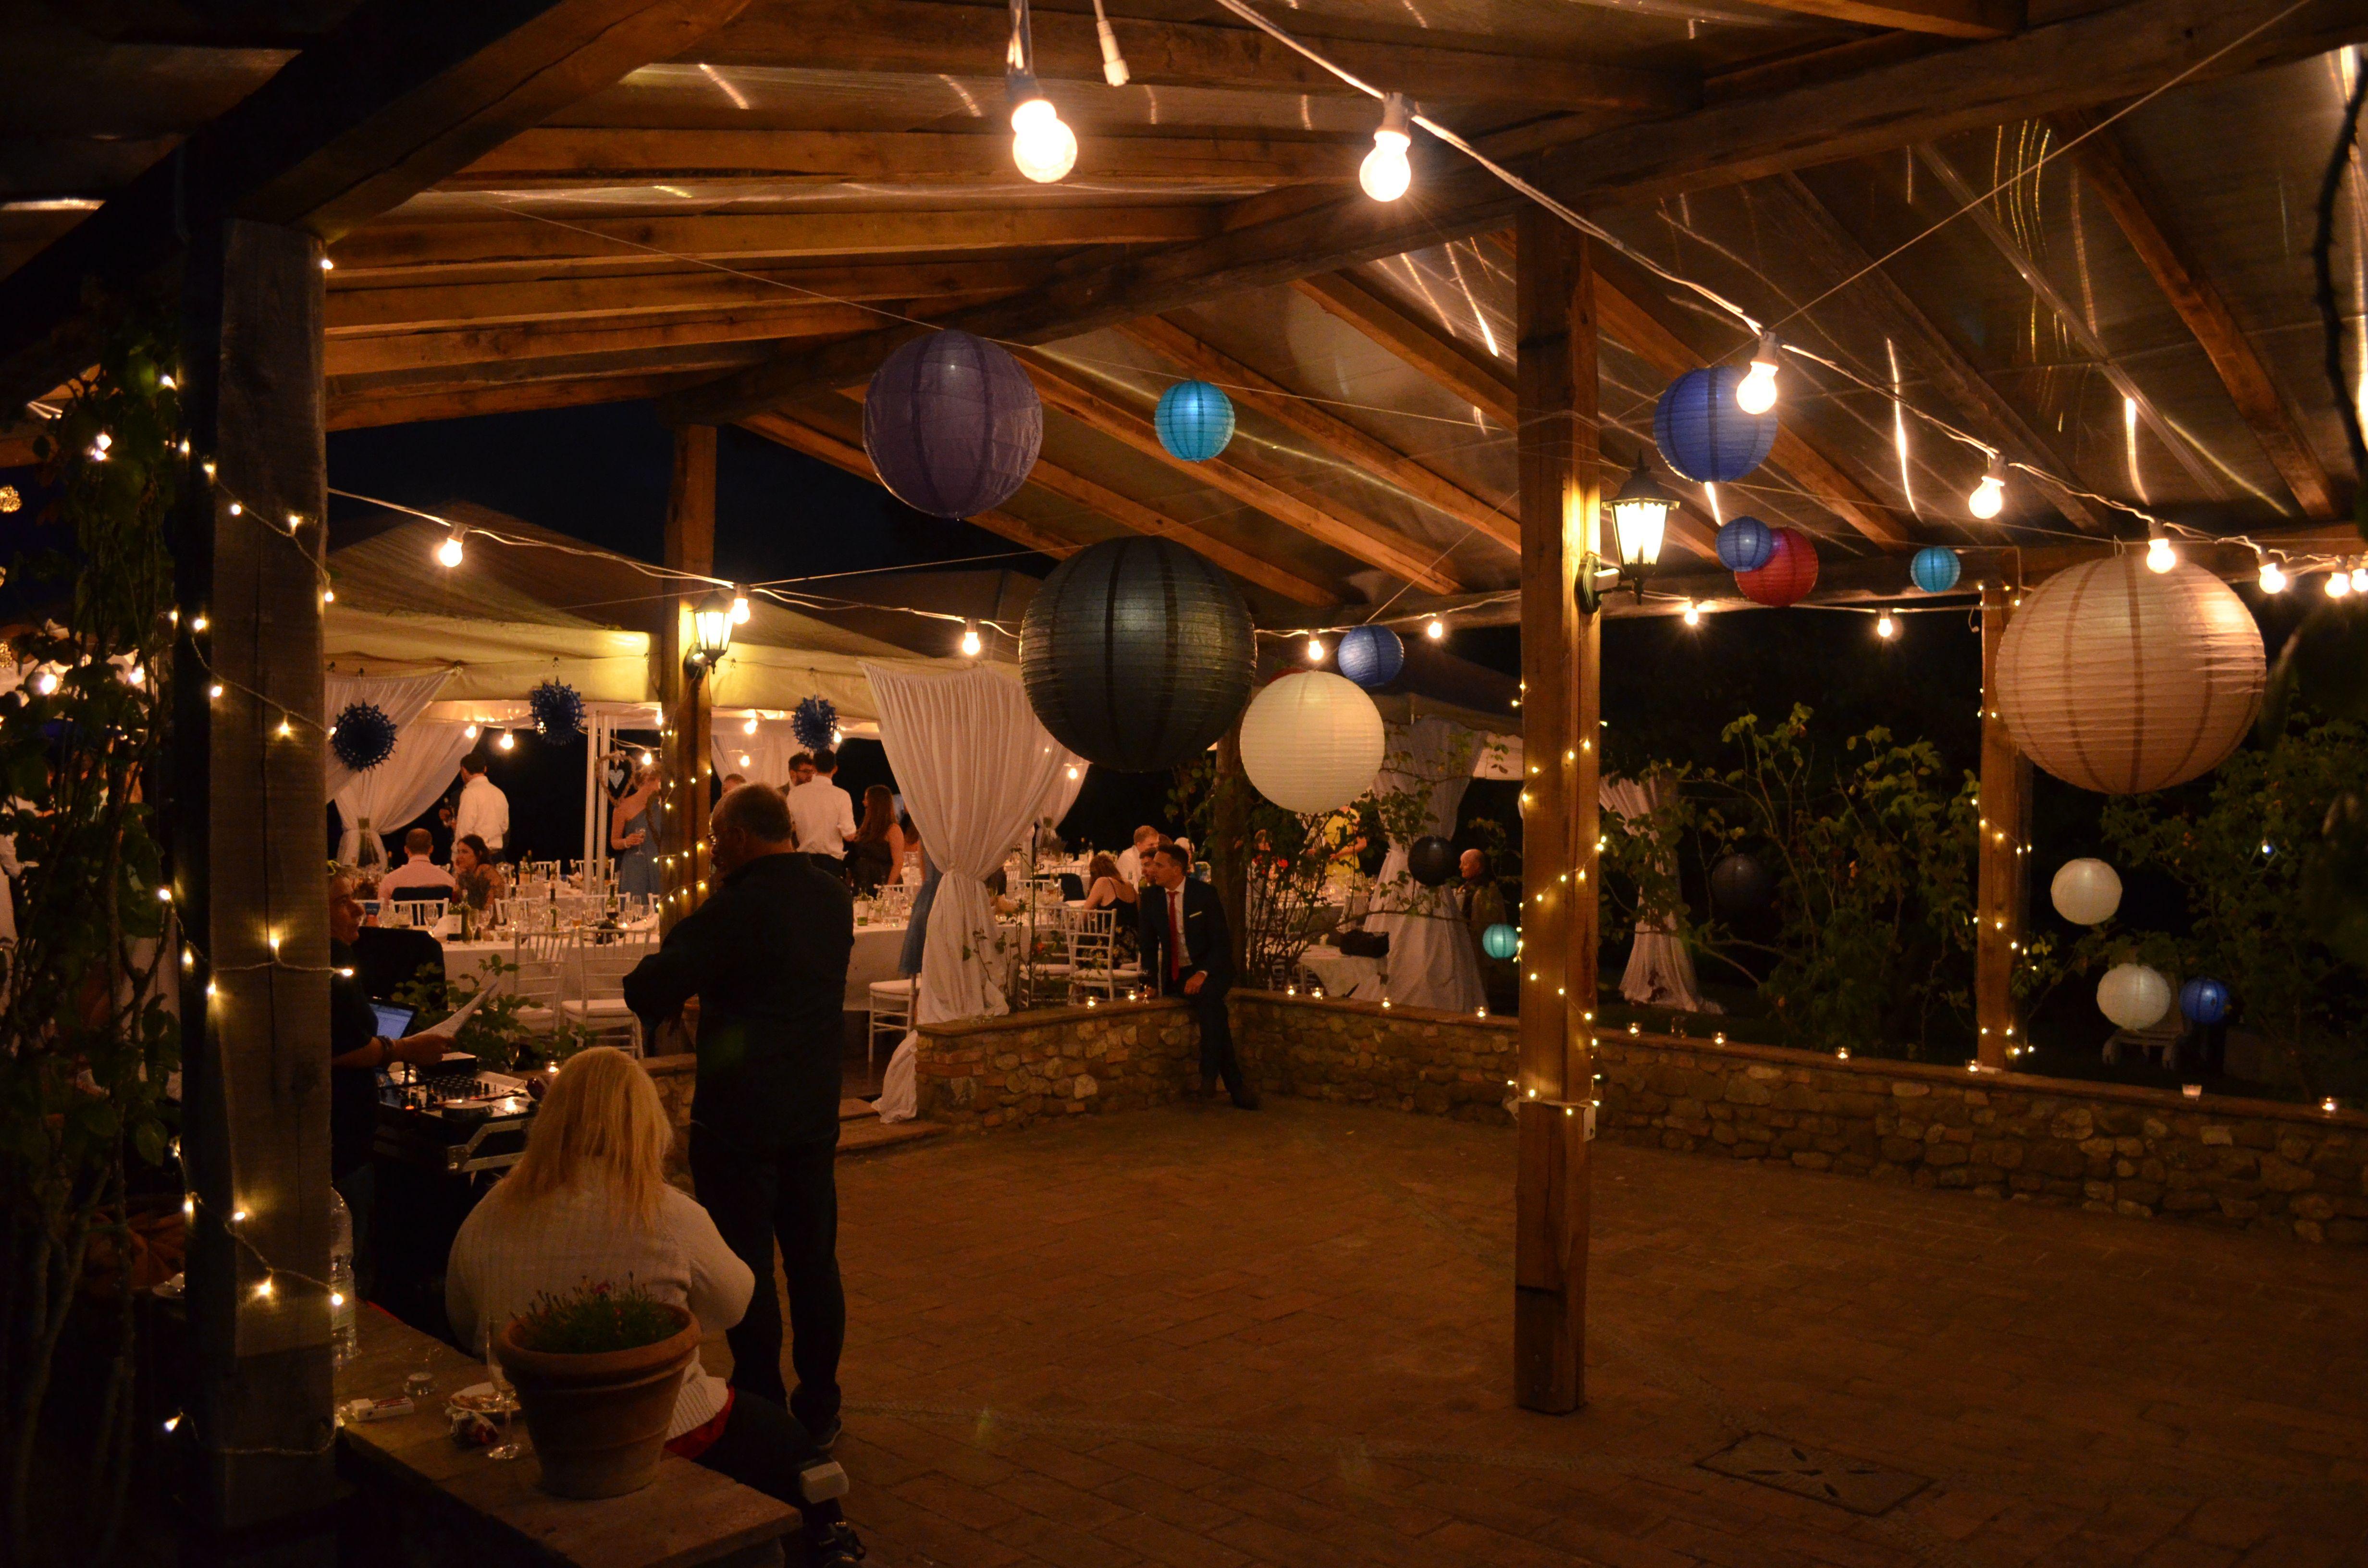 Matrimonio Country Toscana : Allestimento country per festa di matrimonio in toscana